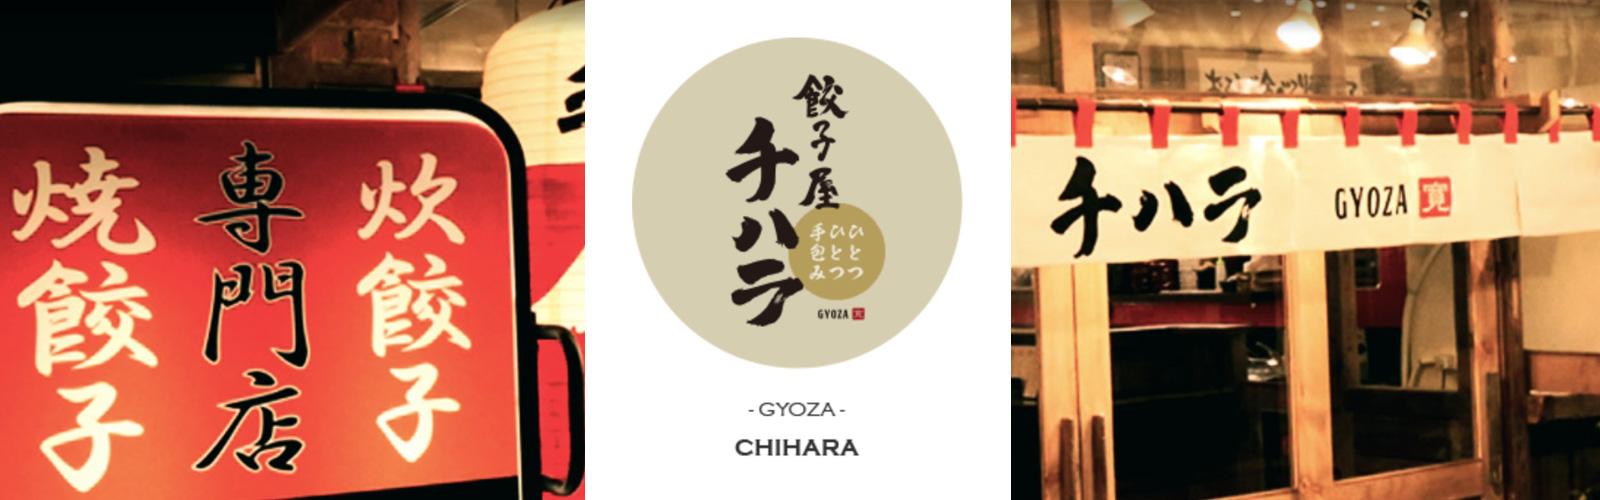 餃子屋チハラ(大阪・なんば)